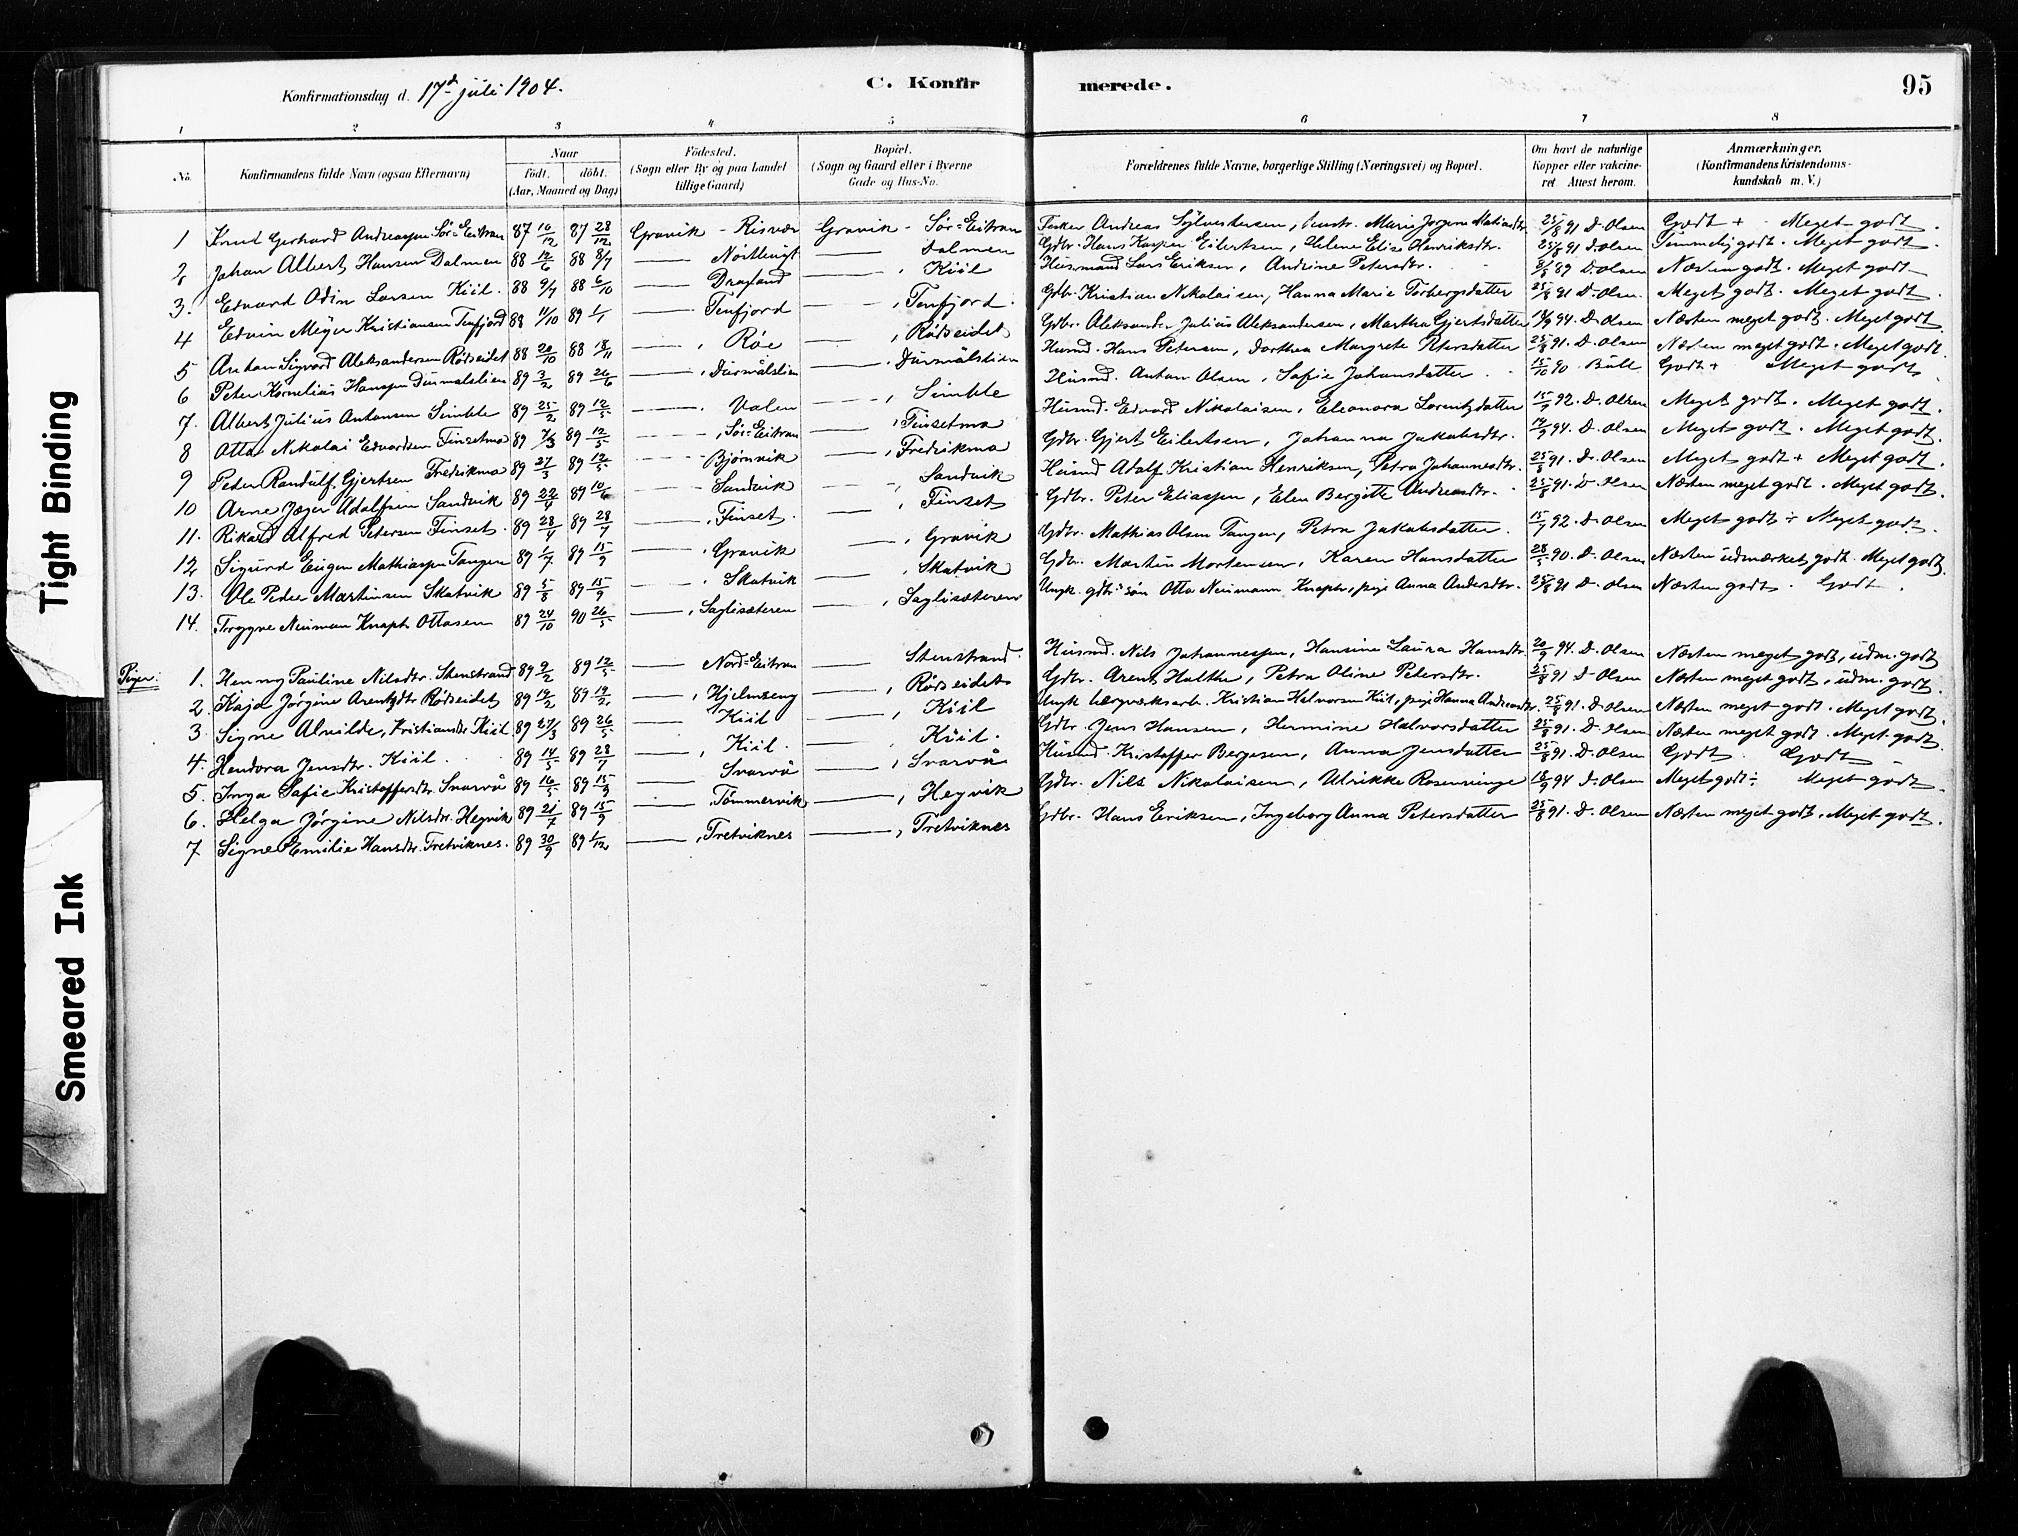 SAT, Ministerialprotokoller, klokkerbøker og fødselsregistre - Nord-Trøndelag, 789/L0705: Ministerialbok nr. 789A01, 1878-1910, s. 95